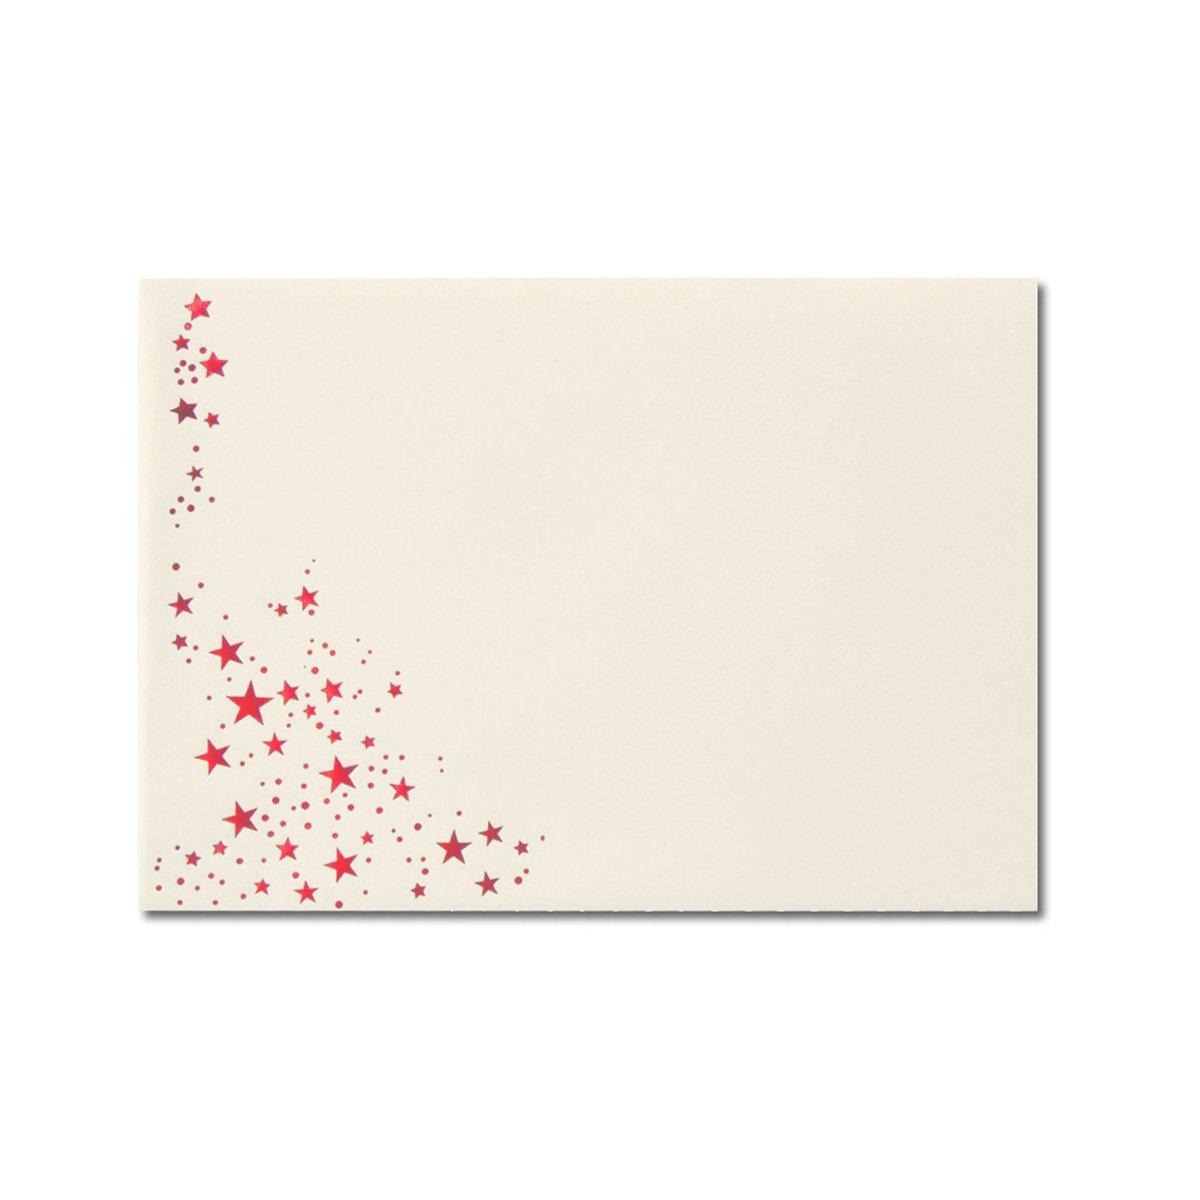 300x Weihnachts-Briefumschläge     DIN C6   mit Gold-Metallic geprägtem Sternenregen  Farbe  Sandbraun  Nassklebung, 120 g m²   114 x 162 mm   Marke  GUSTAV NEUSER® B07CHS8FTR | Merkwürdige Form  | Moderater Preis  | Modisch  7f4f61